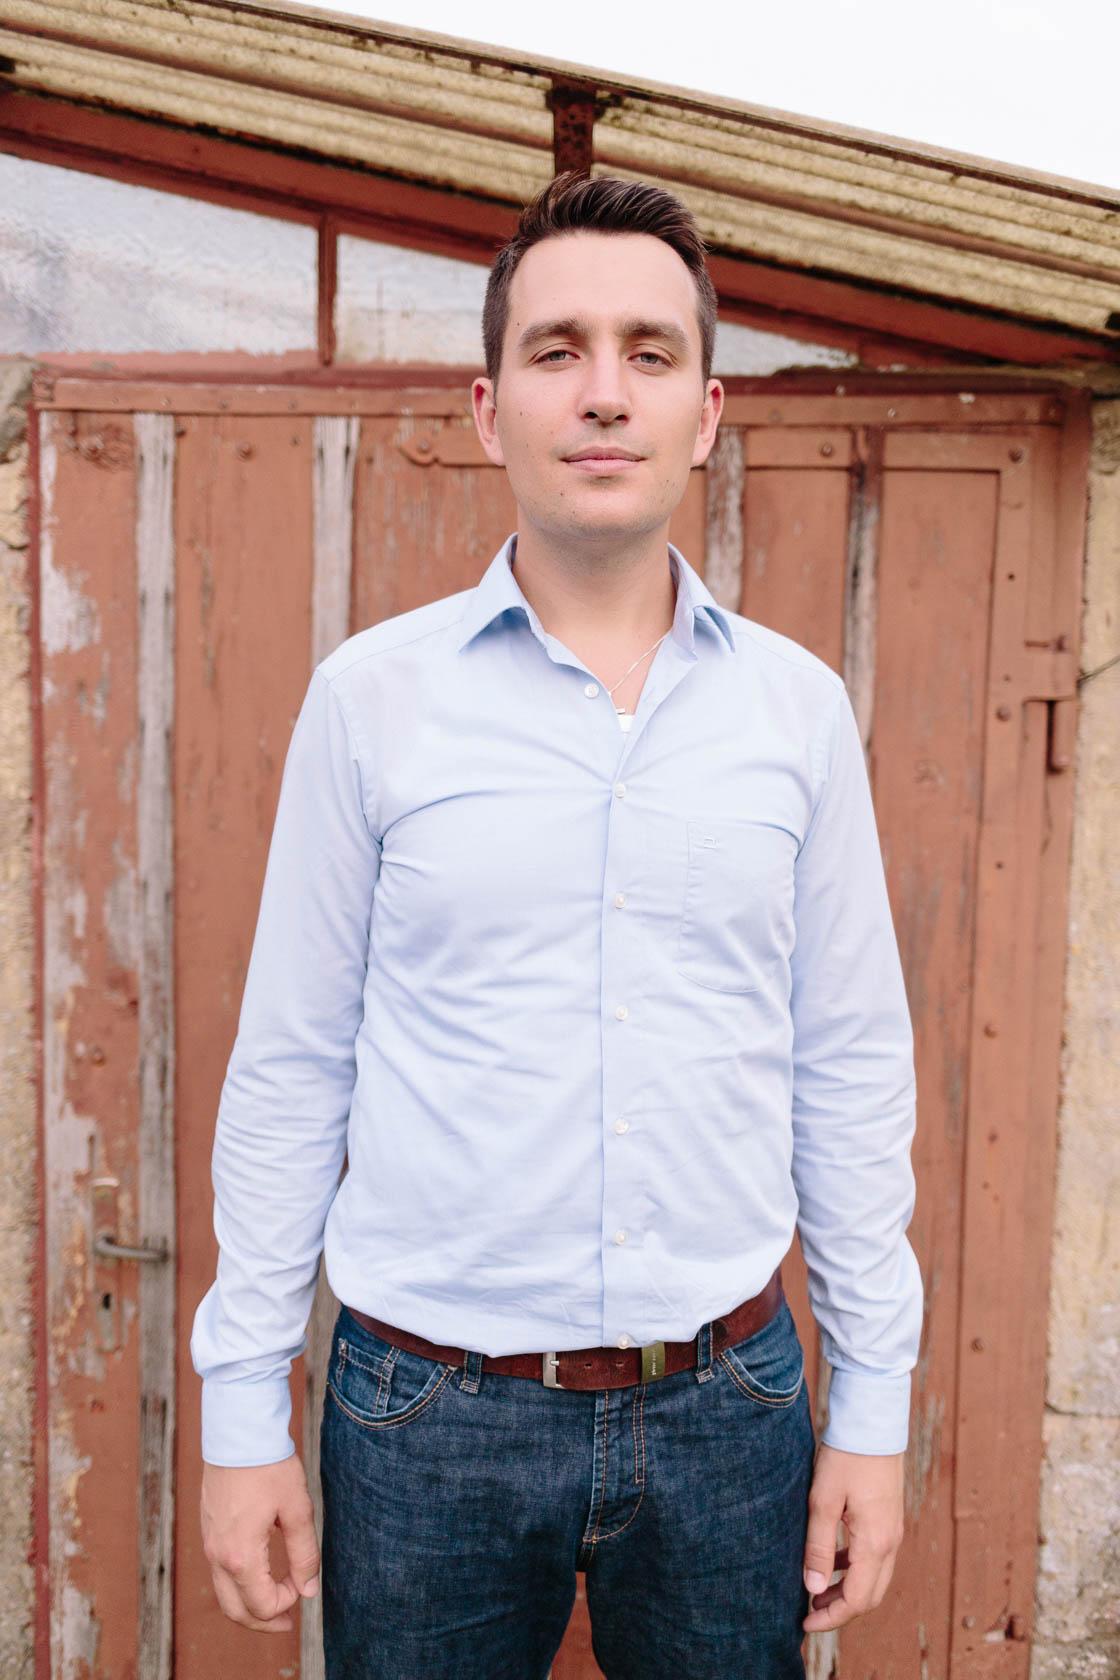 Engagement Fotoshooting von Laura und Viktor in Karlsbad Einzelportrait Mann vor Holztür